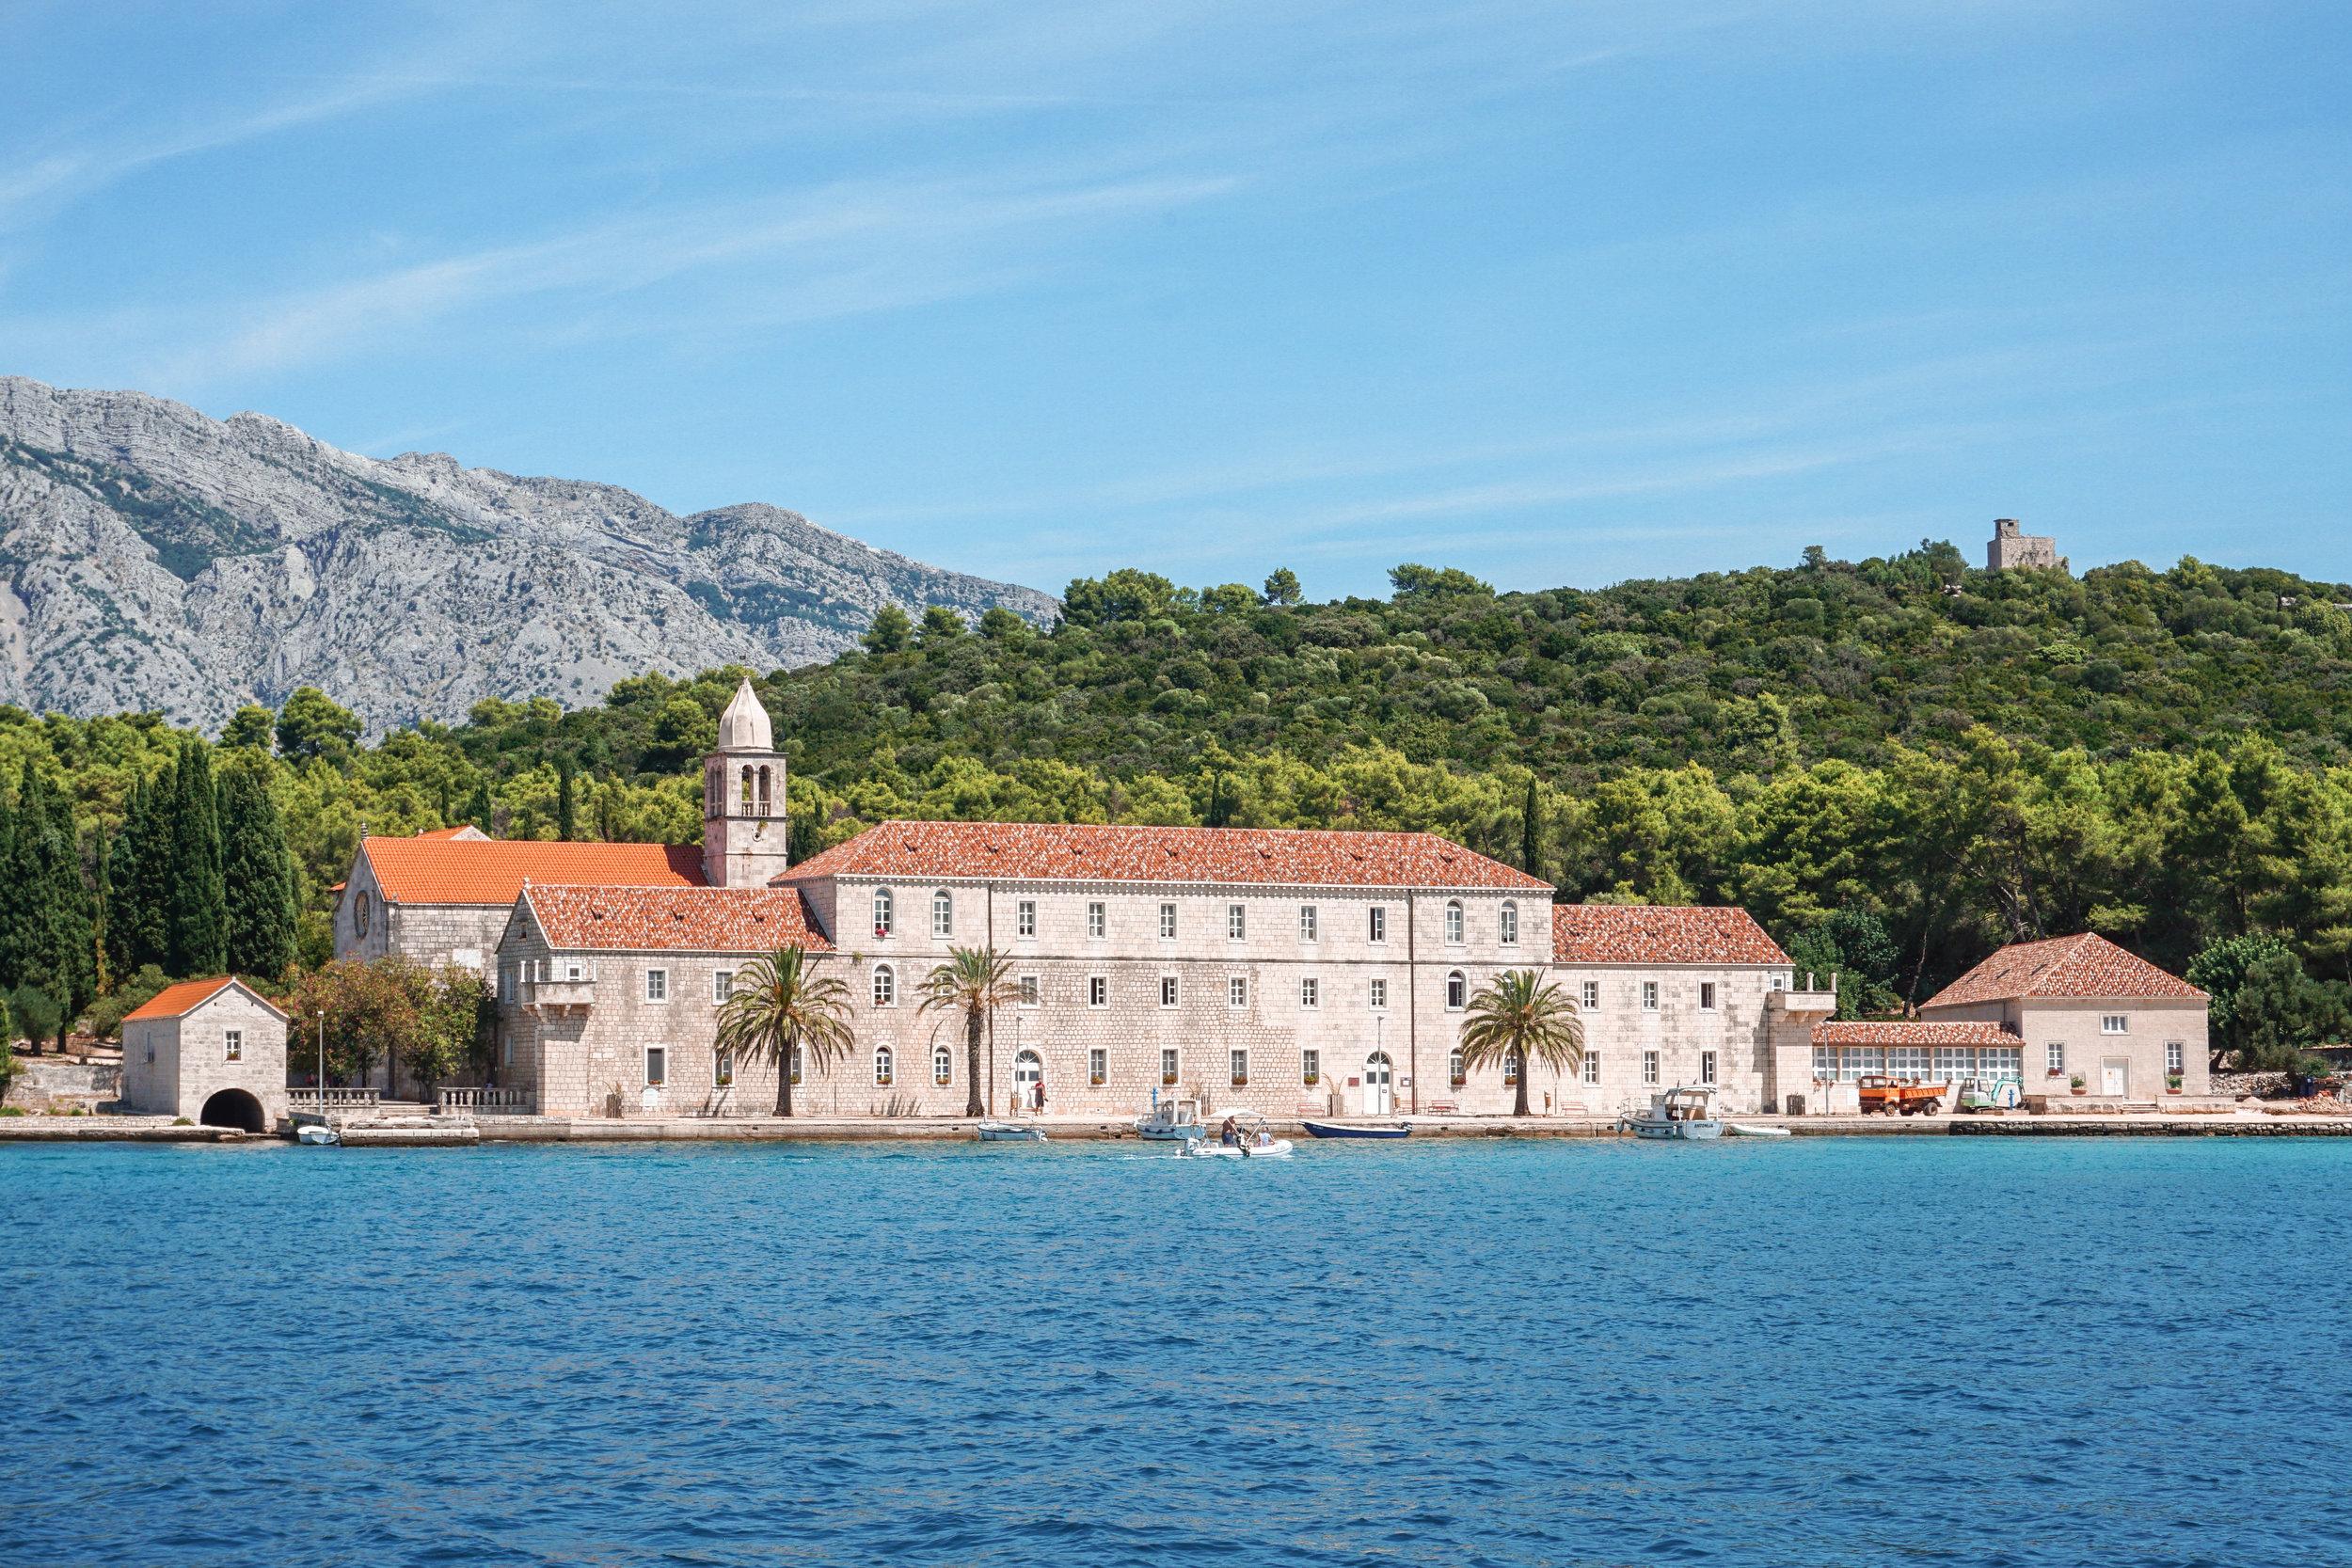 Sailweek Croatia - Korcula